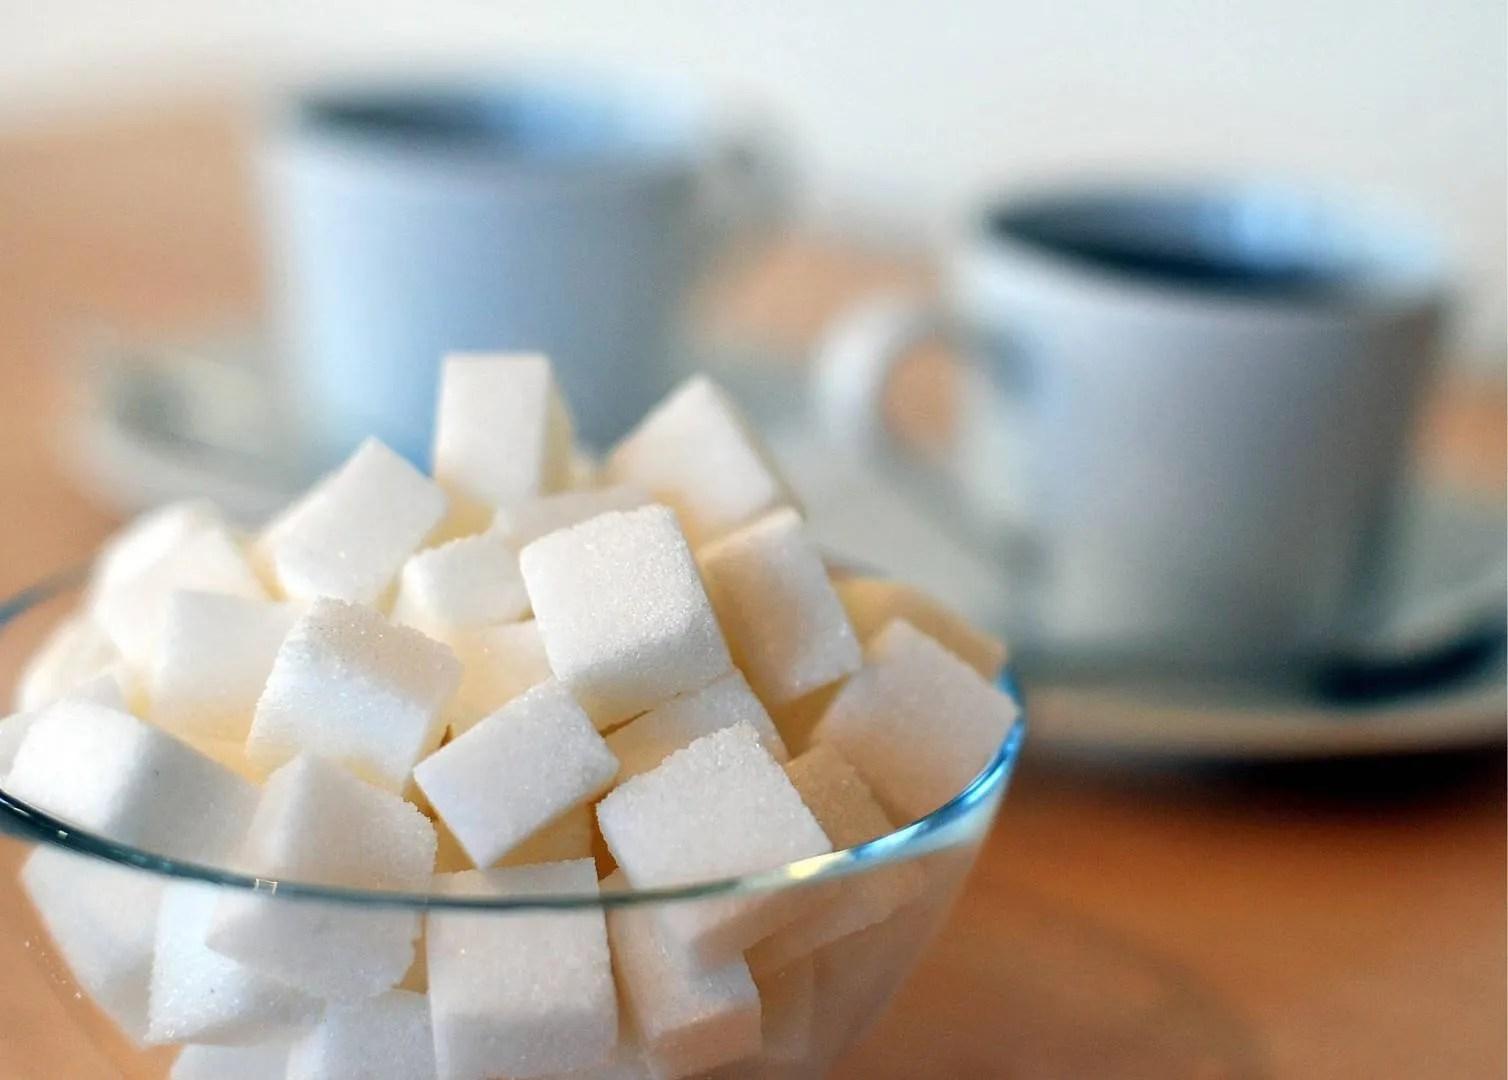 consumo de azúcar diario recomendado